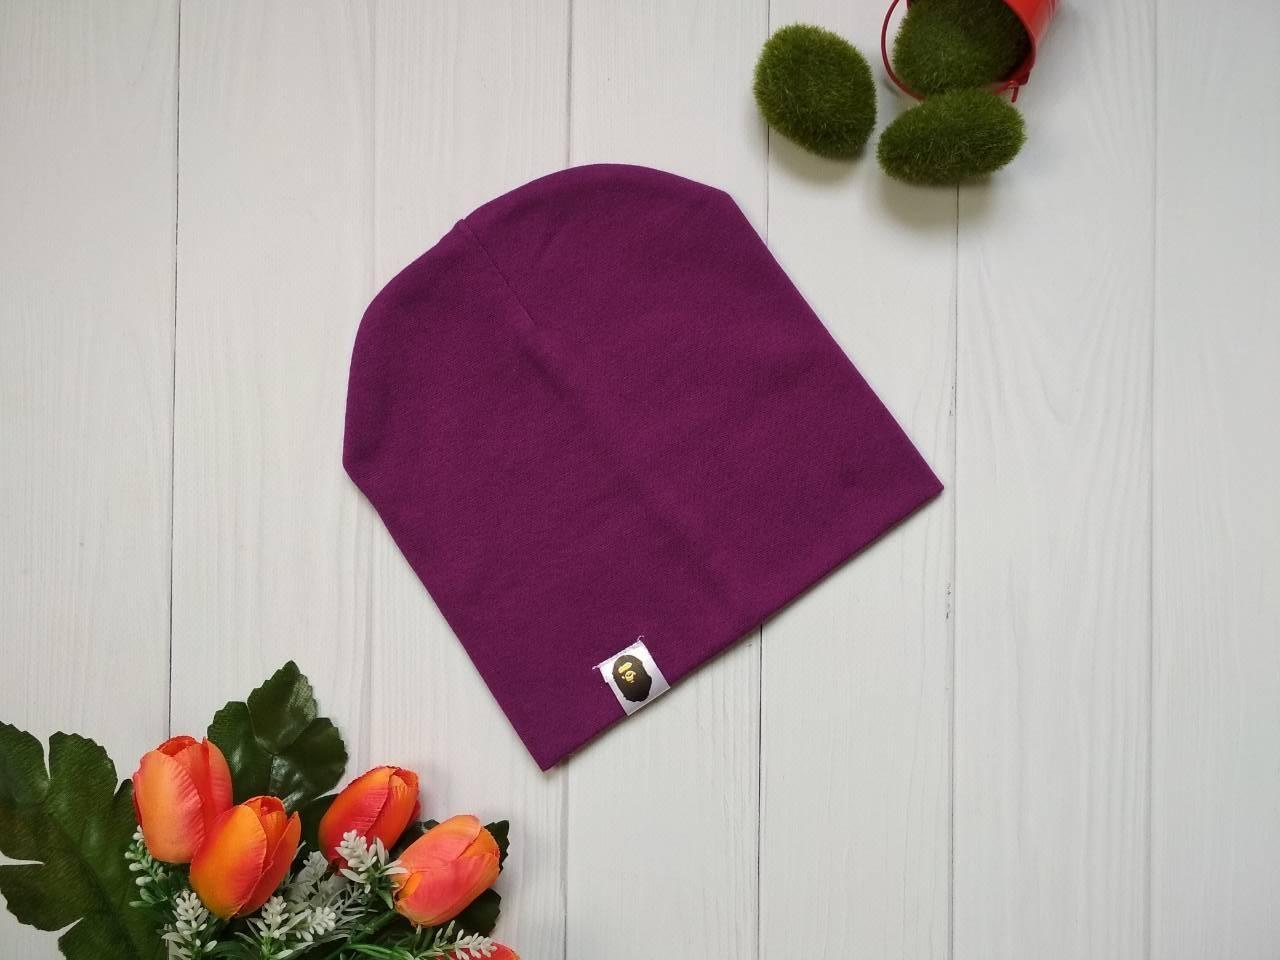 Демисезонная детская шапка  резинка Bape Kids цвет фиолетовый